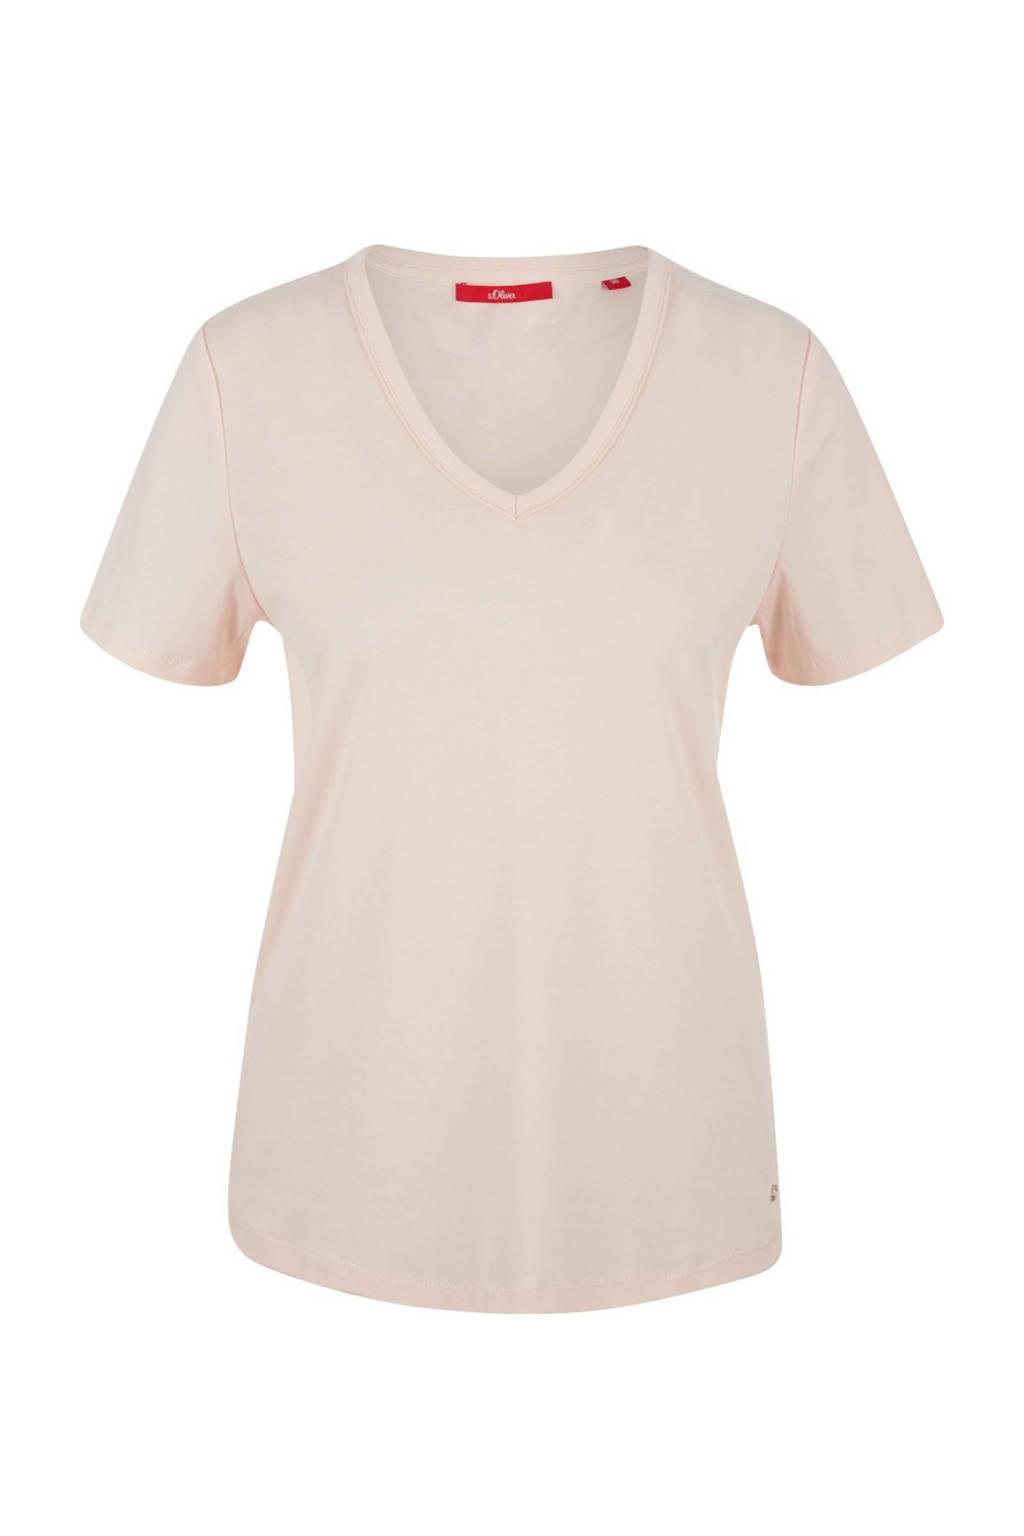 s.Oliver T-shirt lichtroze, Lichtroze